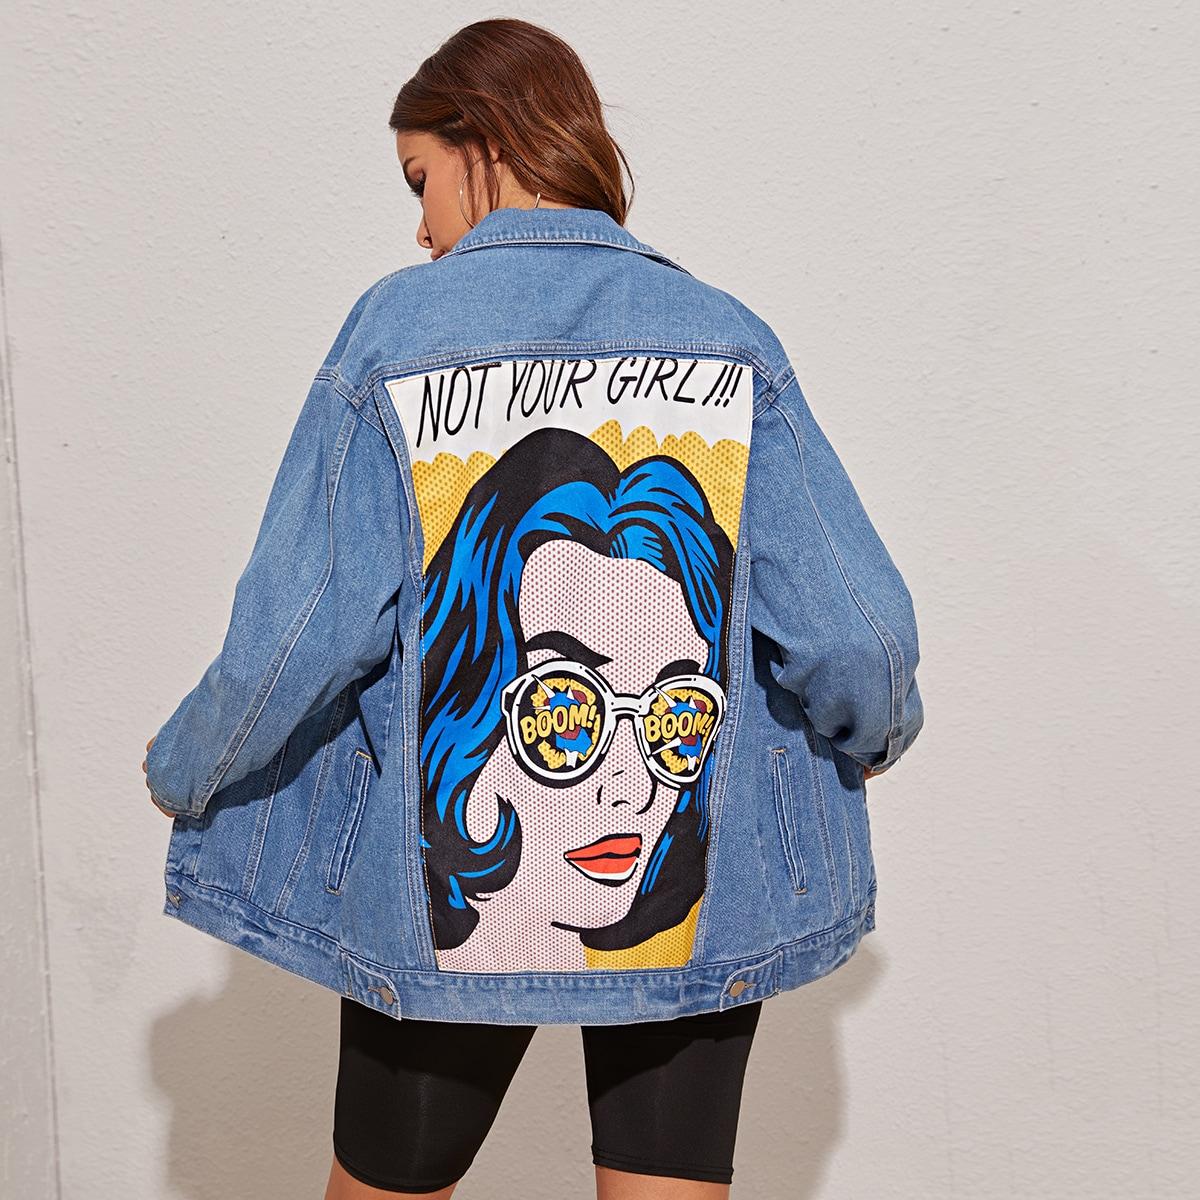 Джинсовая куртка с графическим принтом сзади